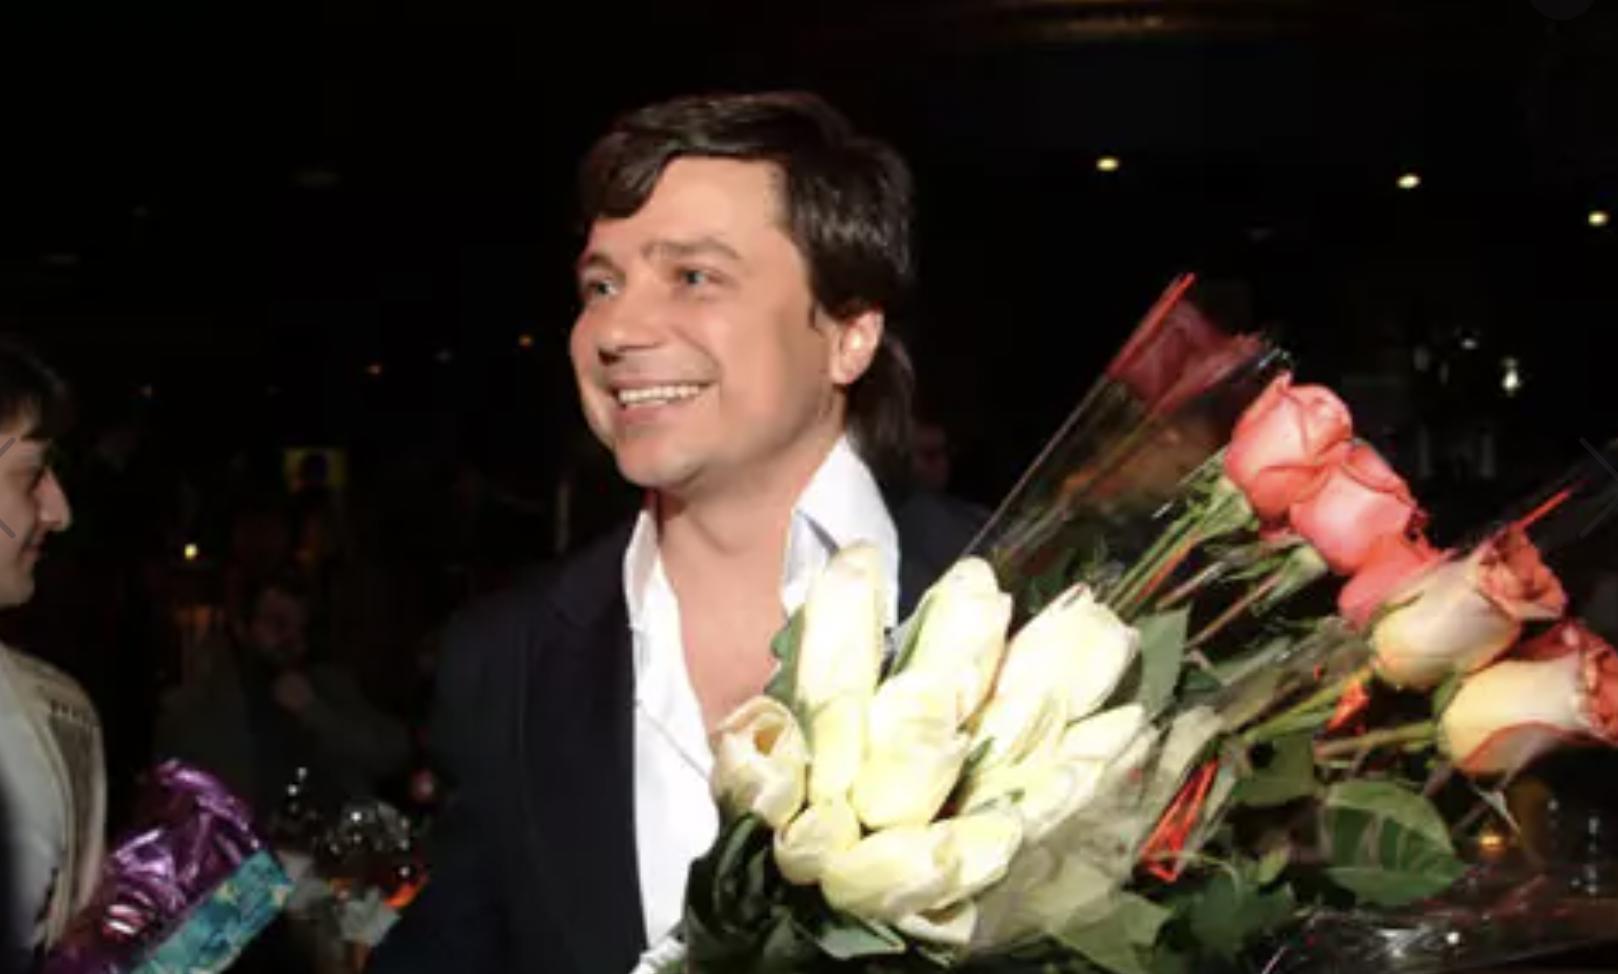 Как сейчас выглядит красавчик Владимир Асимов из группы «На-На» звезда,концерт,певец,фото,шоубиz,шоубиз